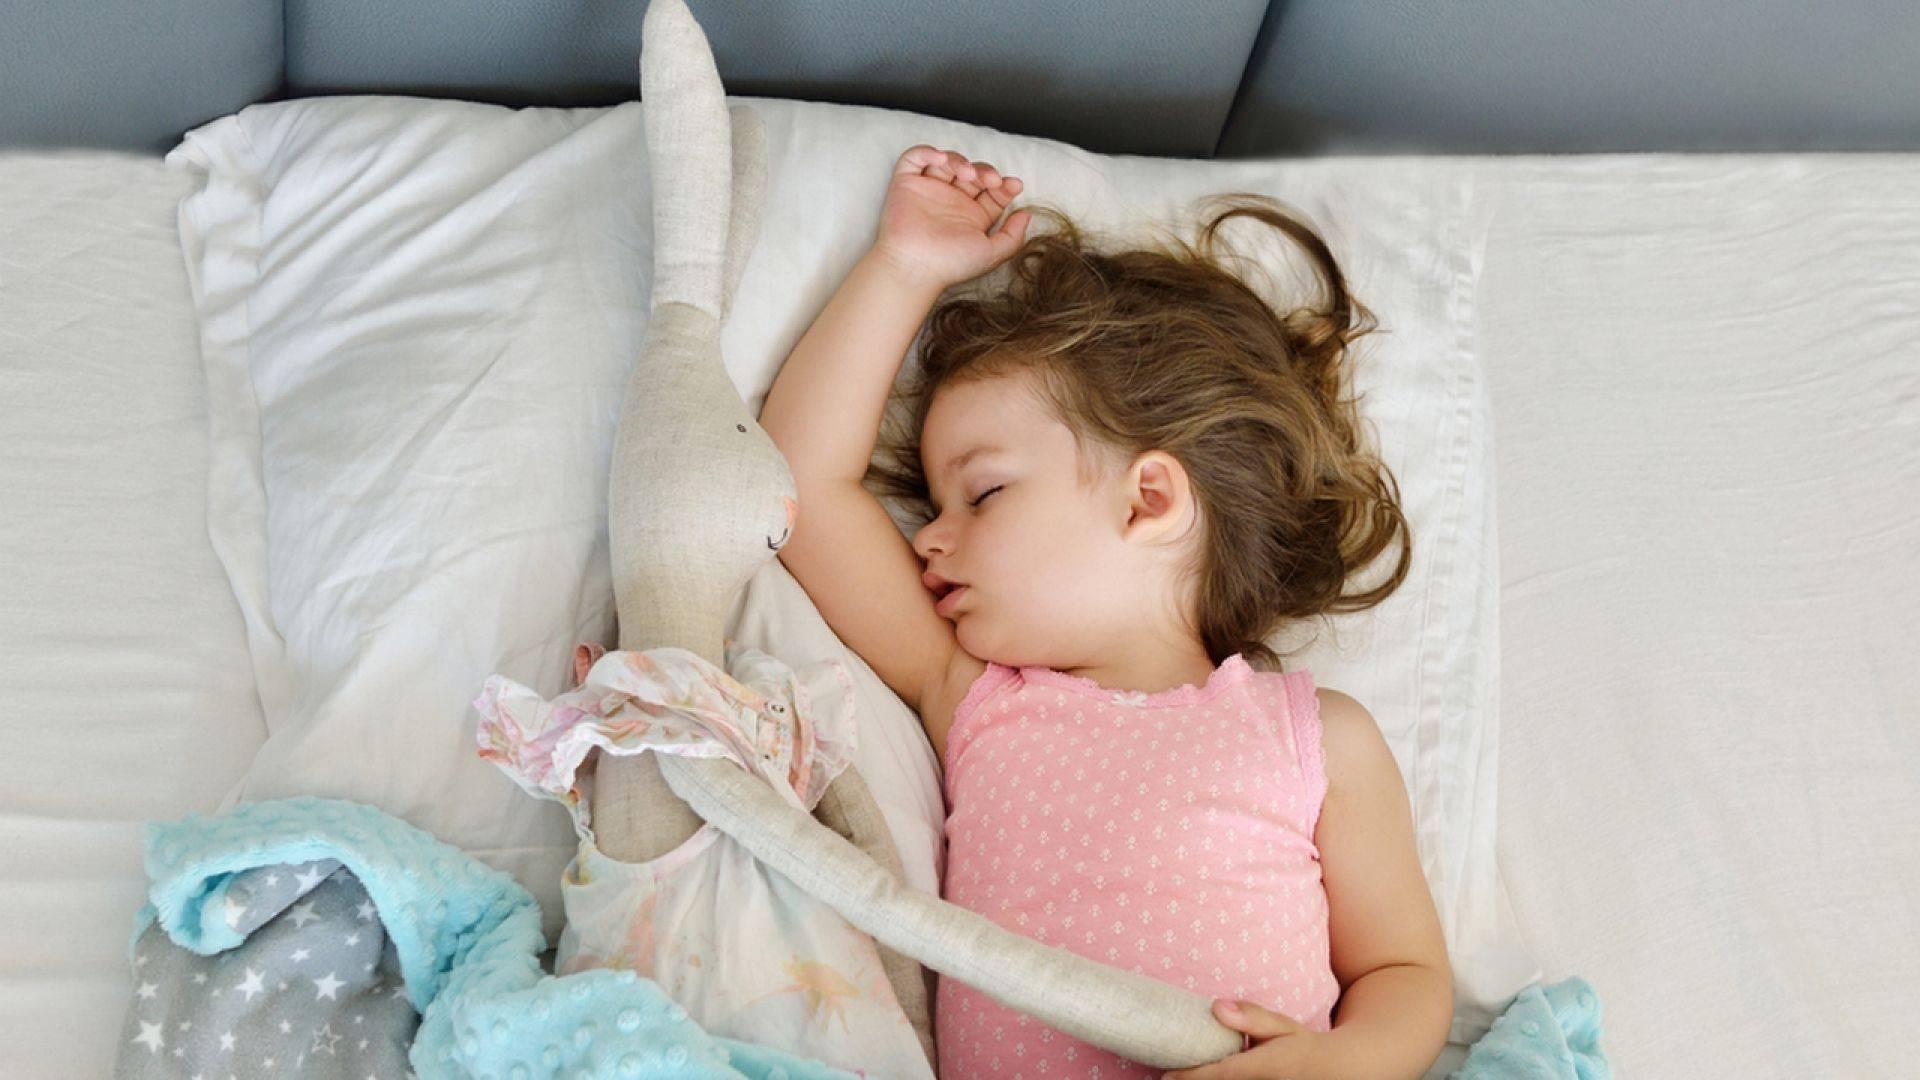 Ребенок спит только на руках а положишь просыпается проблема или нет